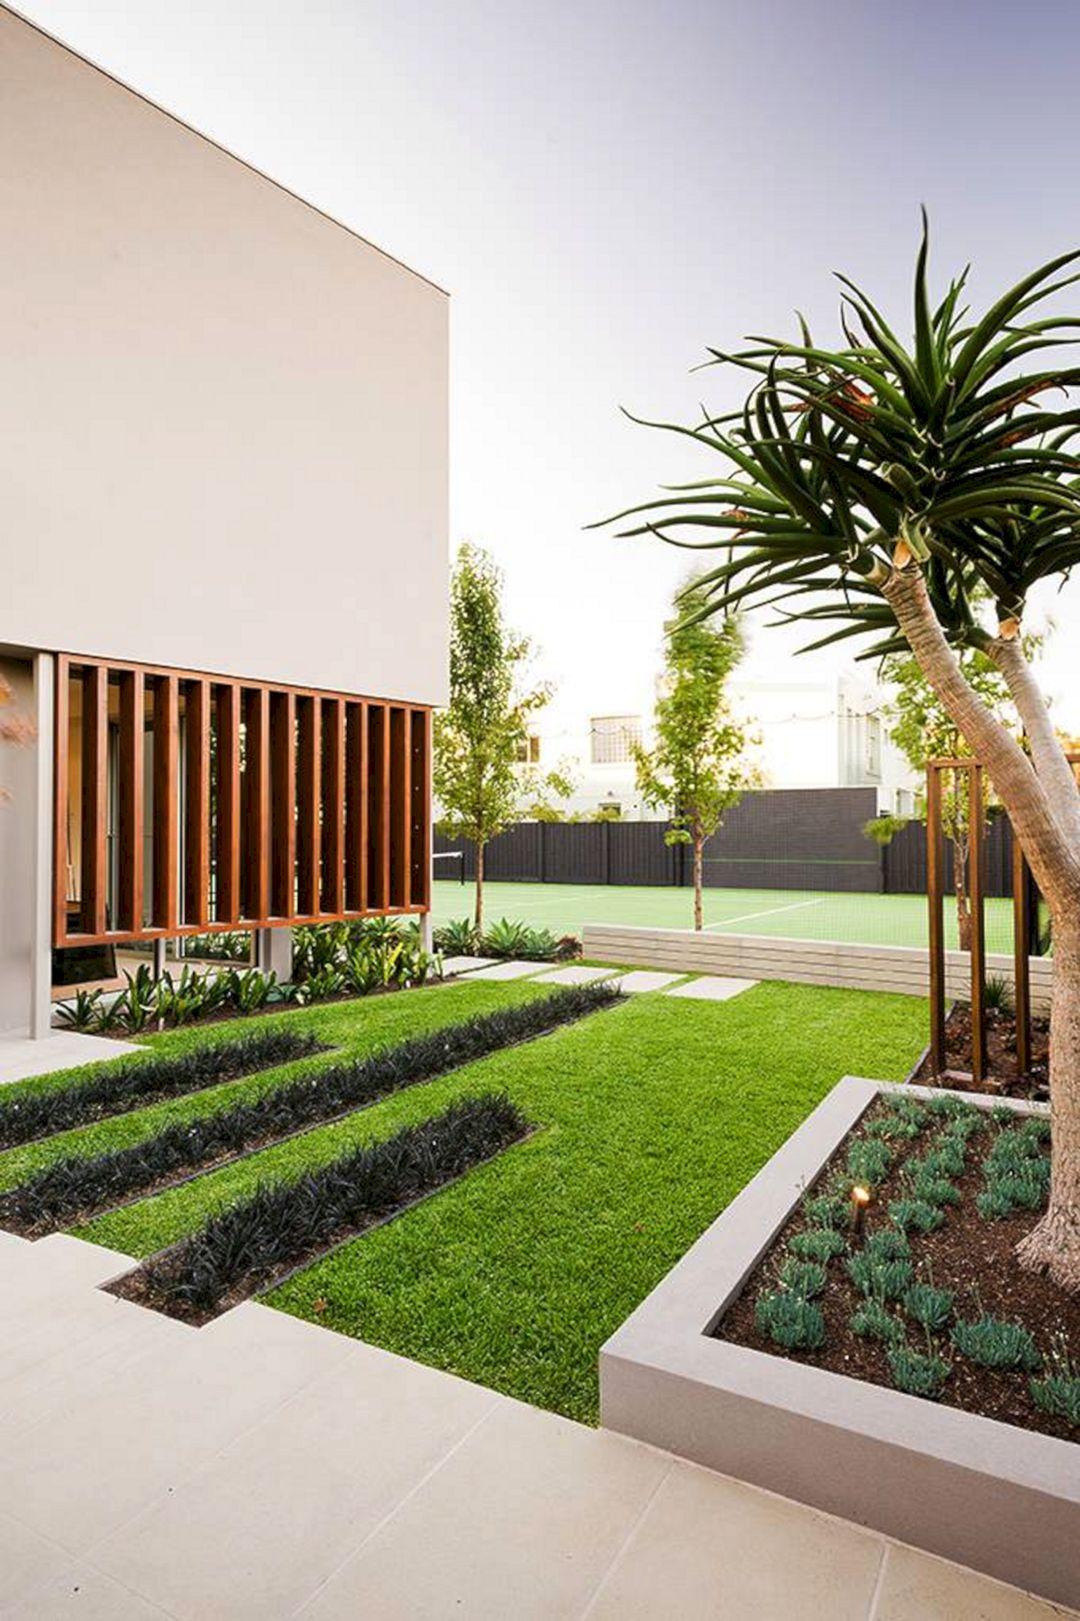 Minimalist Garden Landscape Design (Minimalist Garden ... on Minimalist Backyard Design id=86984